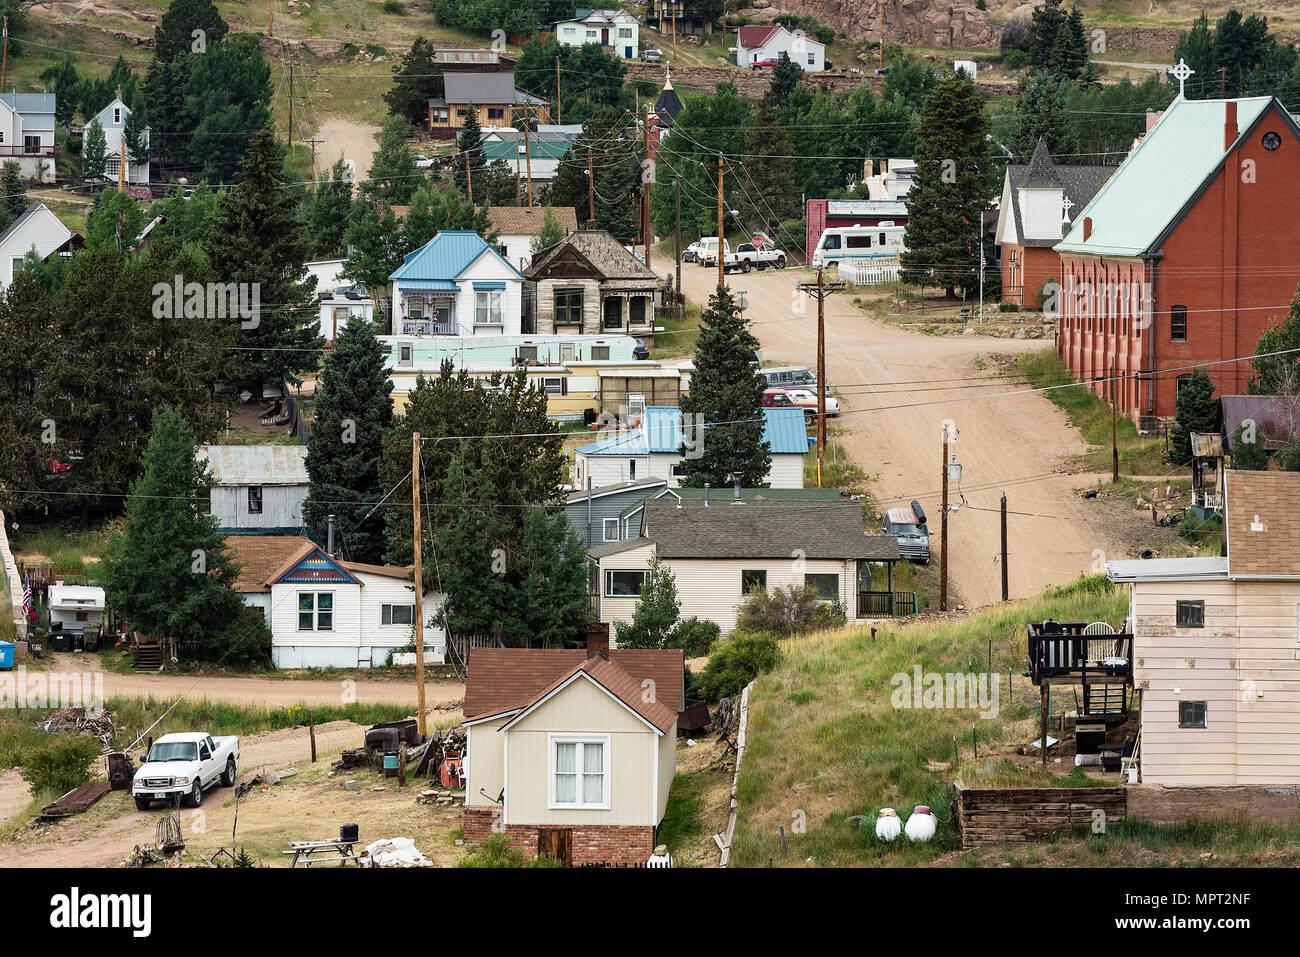 Logements pour les personnes à faible revenu dans l'ancienne ville minière de Victor, Colorado, USA. Photo Stock